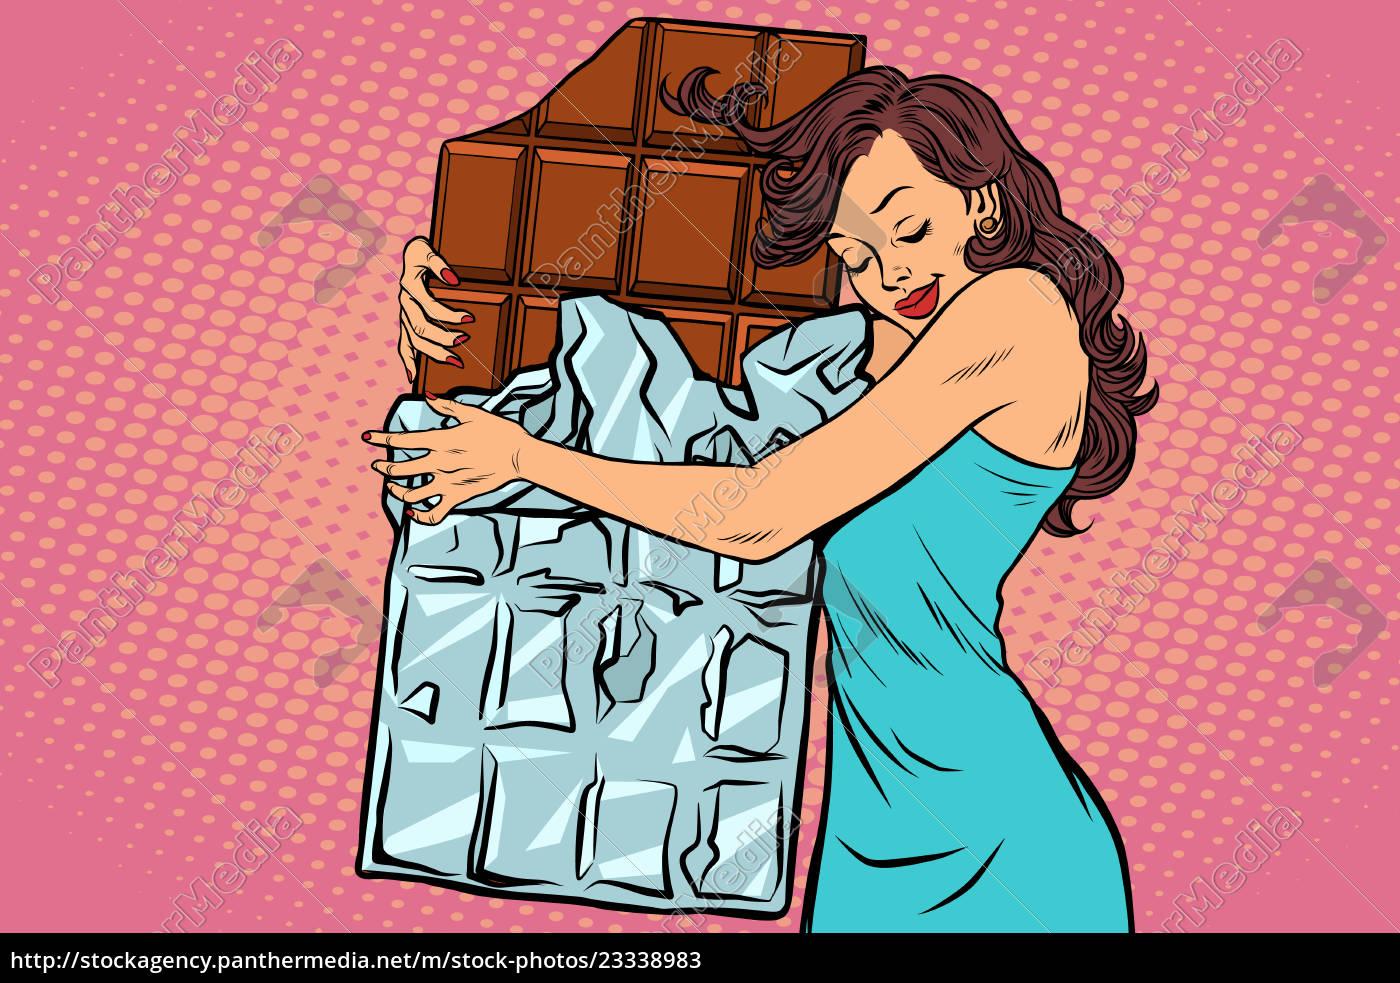 frau, umarmt, schokolade, liebe, süßigkeiten - 23338983